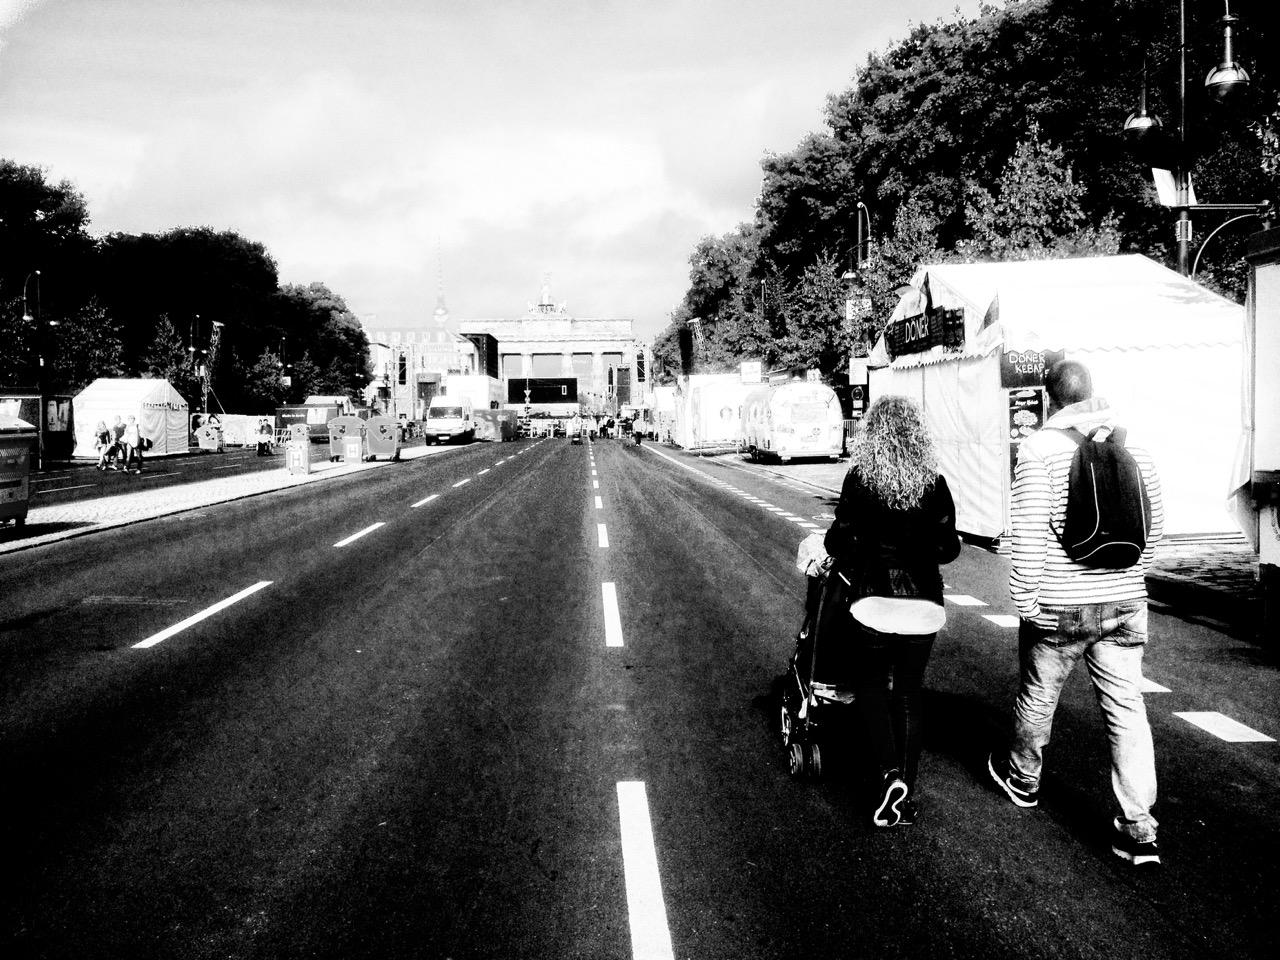 Familiengang zum Brandenburger Tor: Die Fanmeile ist frei zugänglich für Fußgänger und Radfahrer bis 12. Juli - zur spielfreien Zeit (Foto: André Franke)